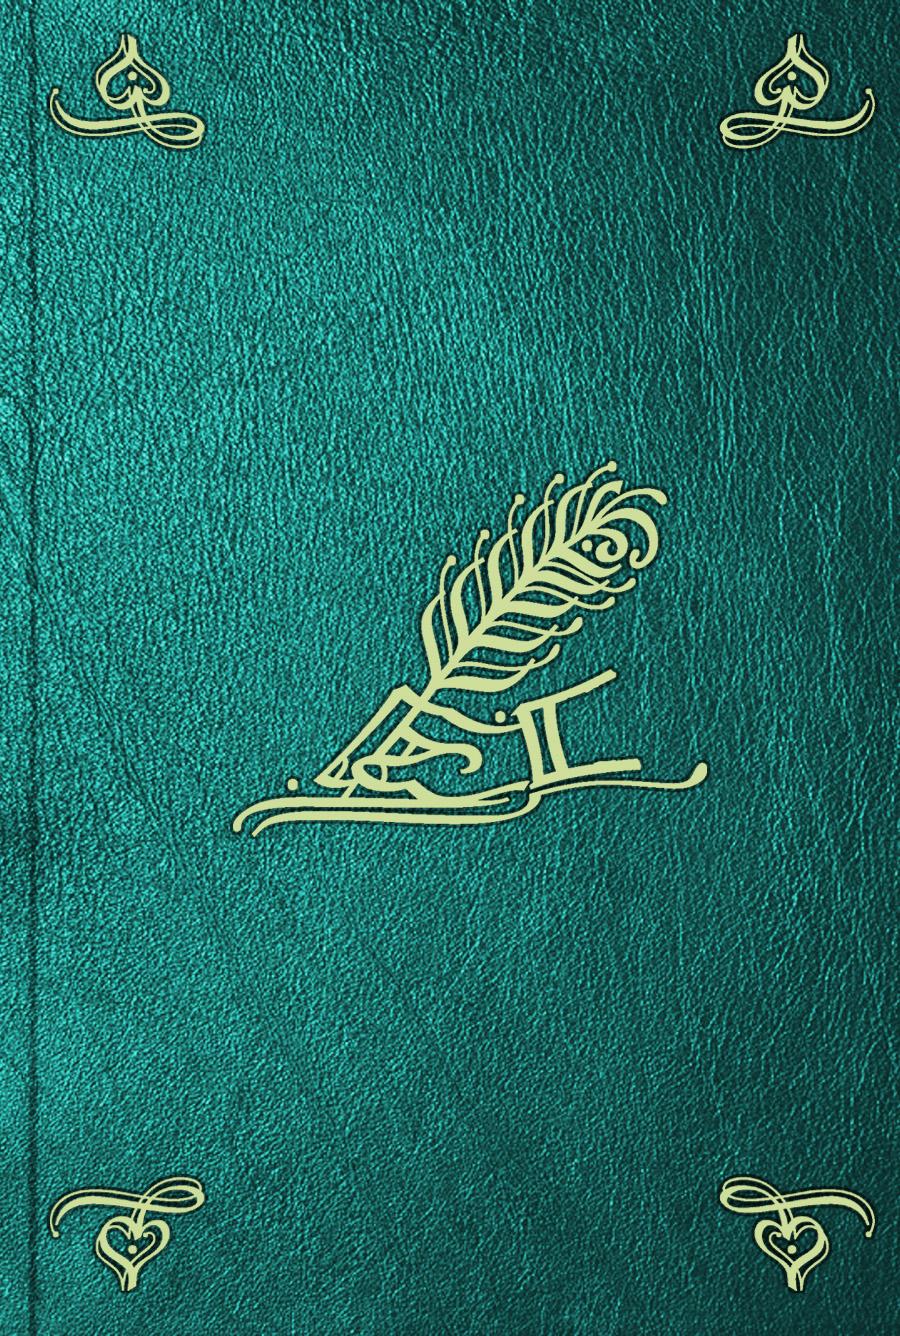 Comte de Buffon Georges Louis Leclerc Histoire naturelle. T. 9. Oiseaux comte de buffon georges louis leclerc histoire naturelle t 8 oiseaux